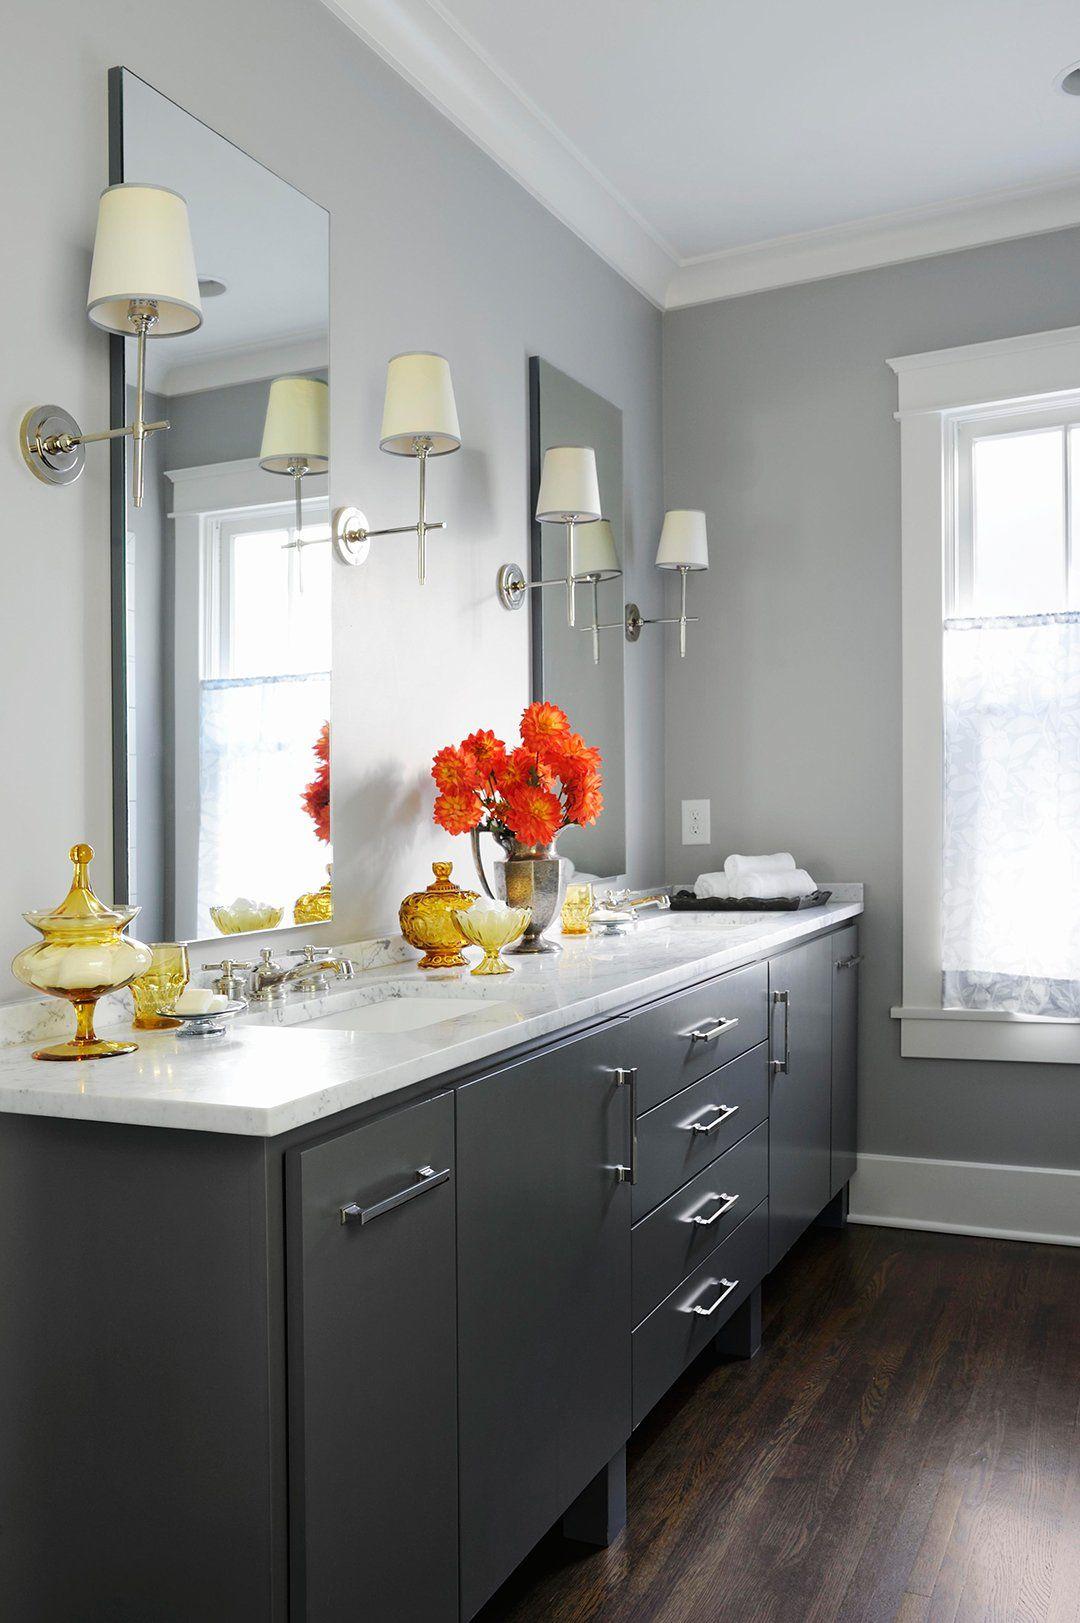 The 12 Best Bathroom Paint Colors Our Editors Swear By Best Bathroom Paint Colors Best Bathroom Colors Bathroom Color Schemes